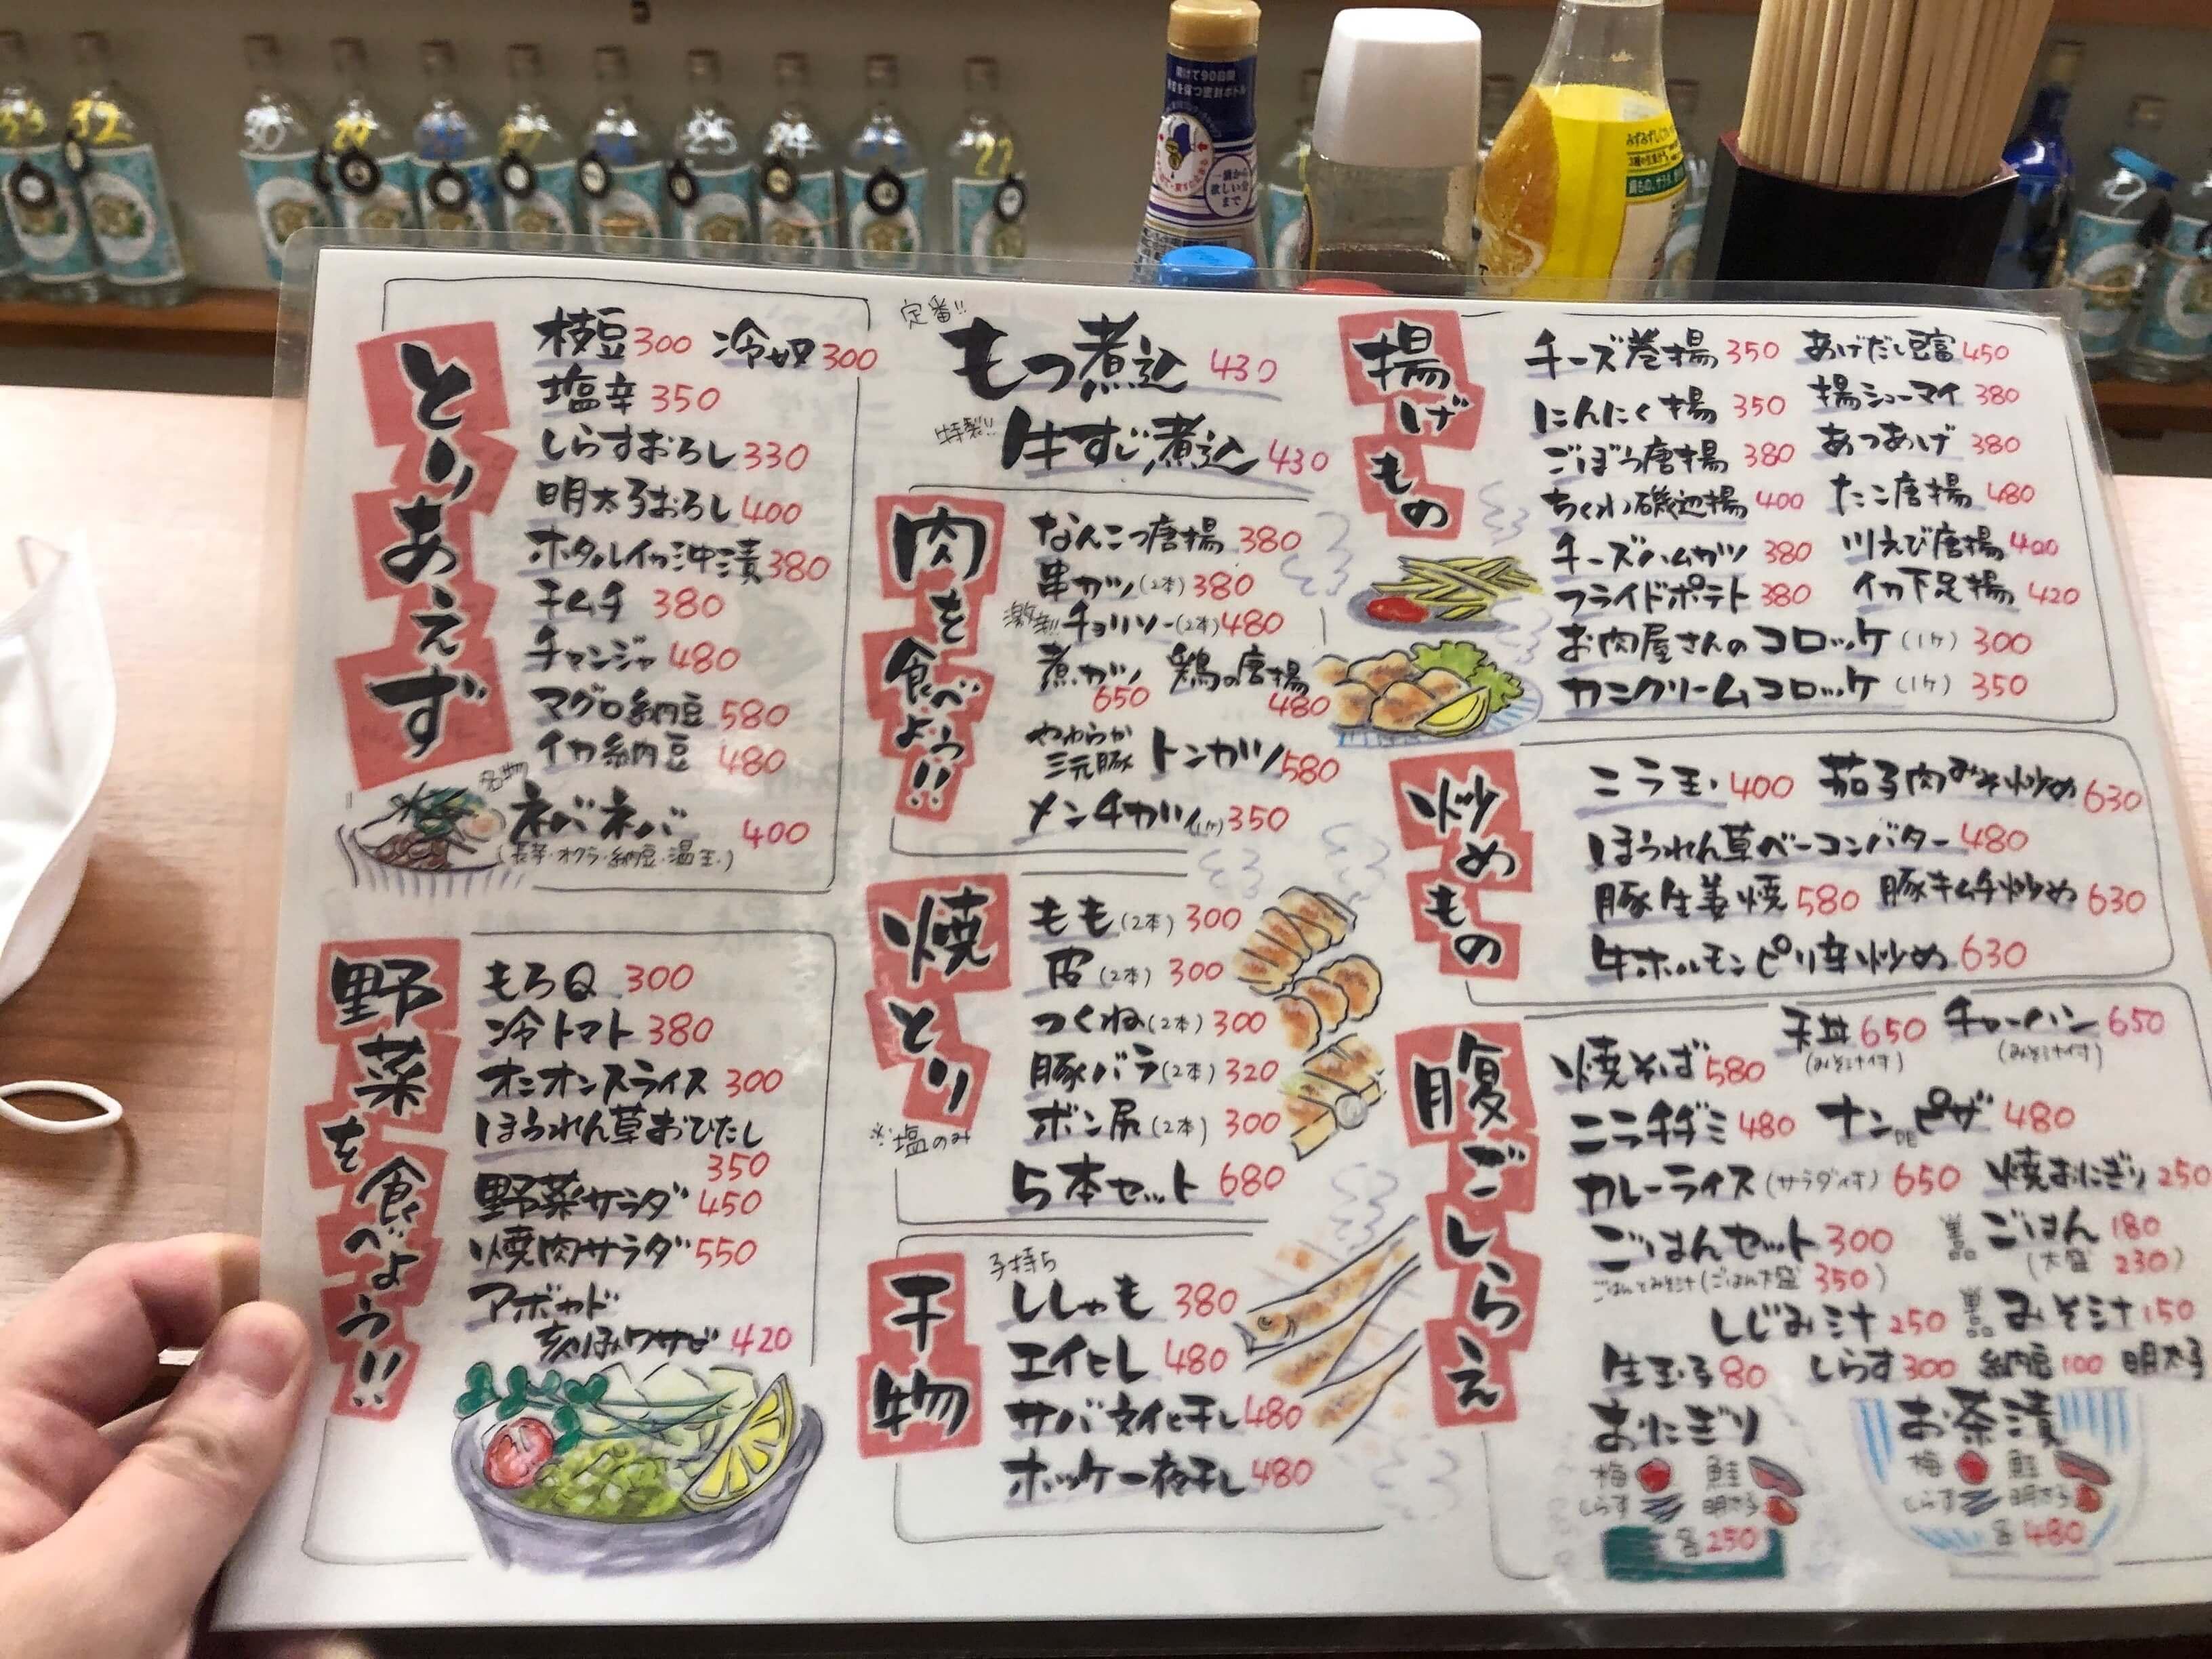 和来 伊勢佐木町店 2020.07.19